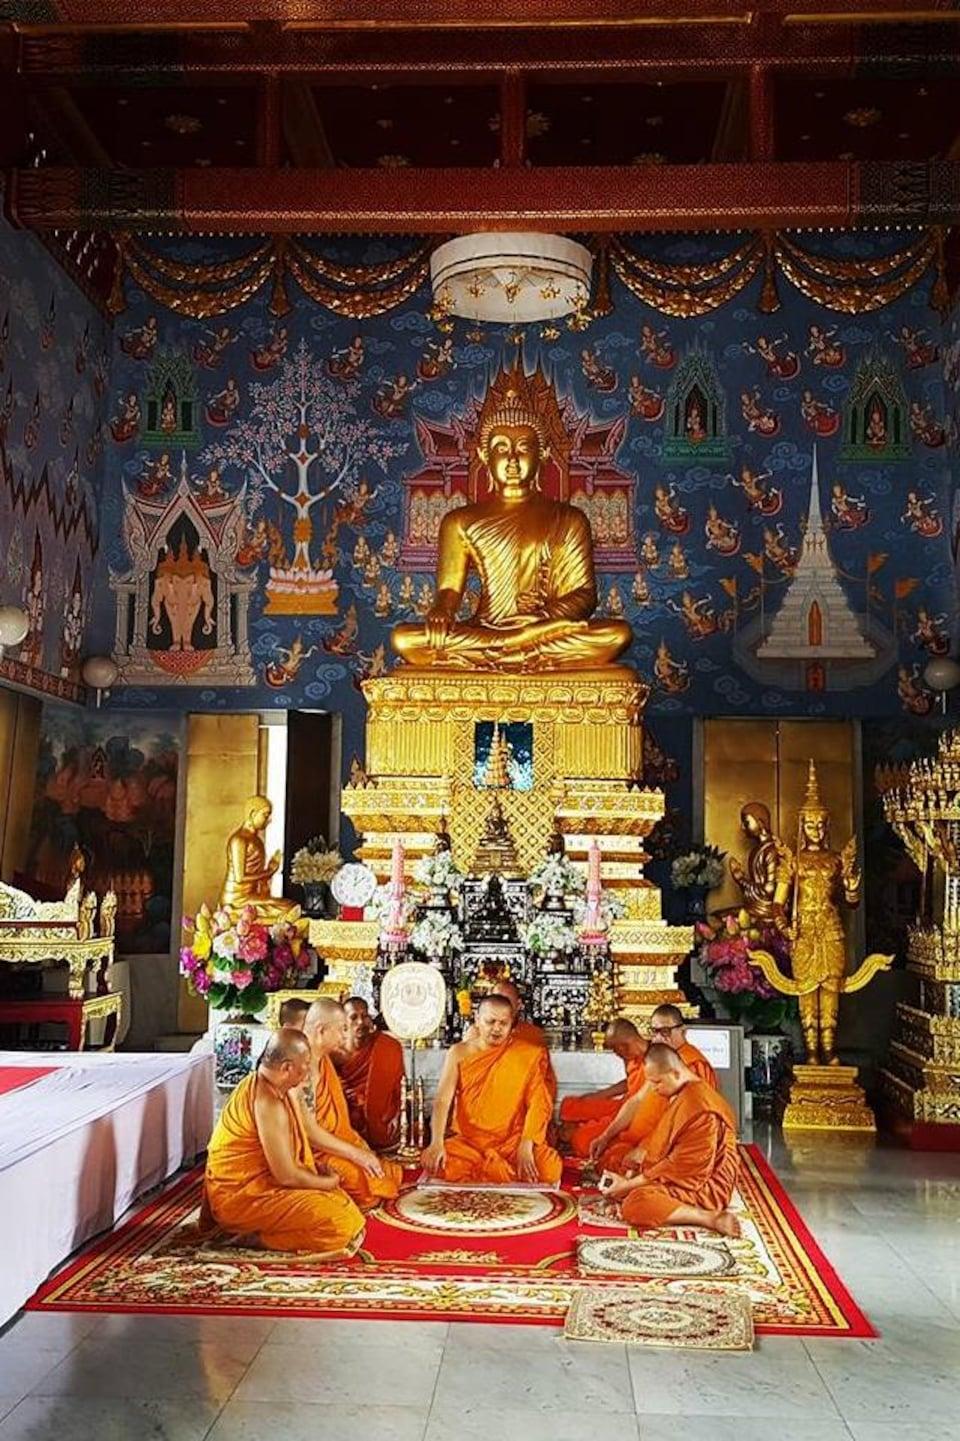 Des bouddhistes prient dans un temple de Bangkok, en Thaïlande.